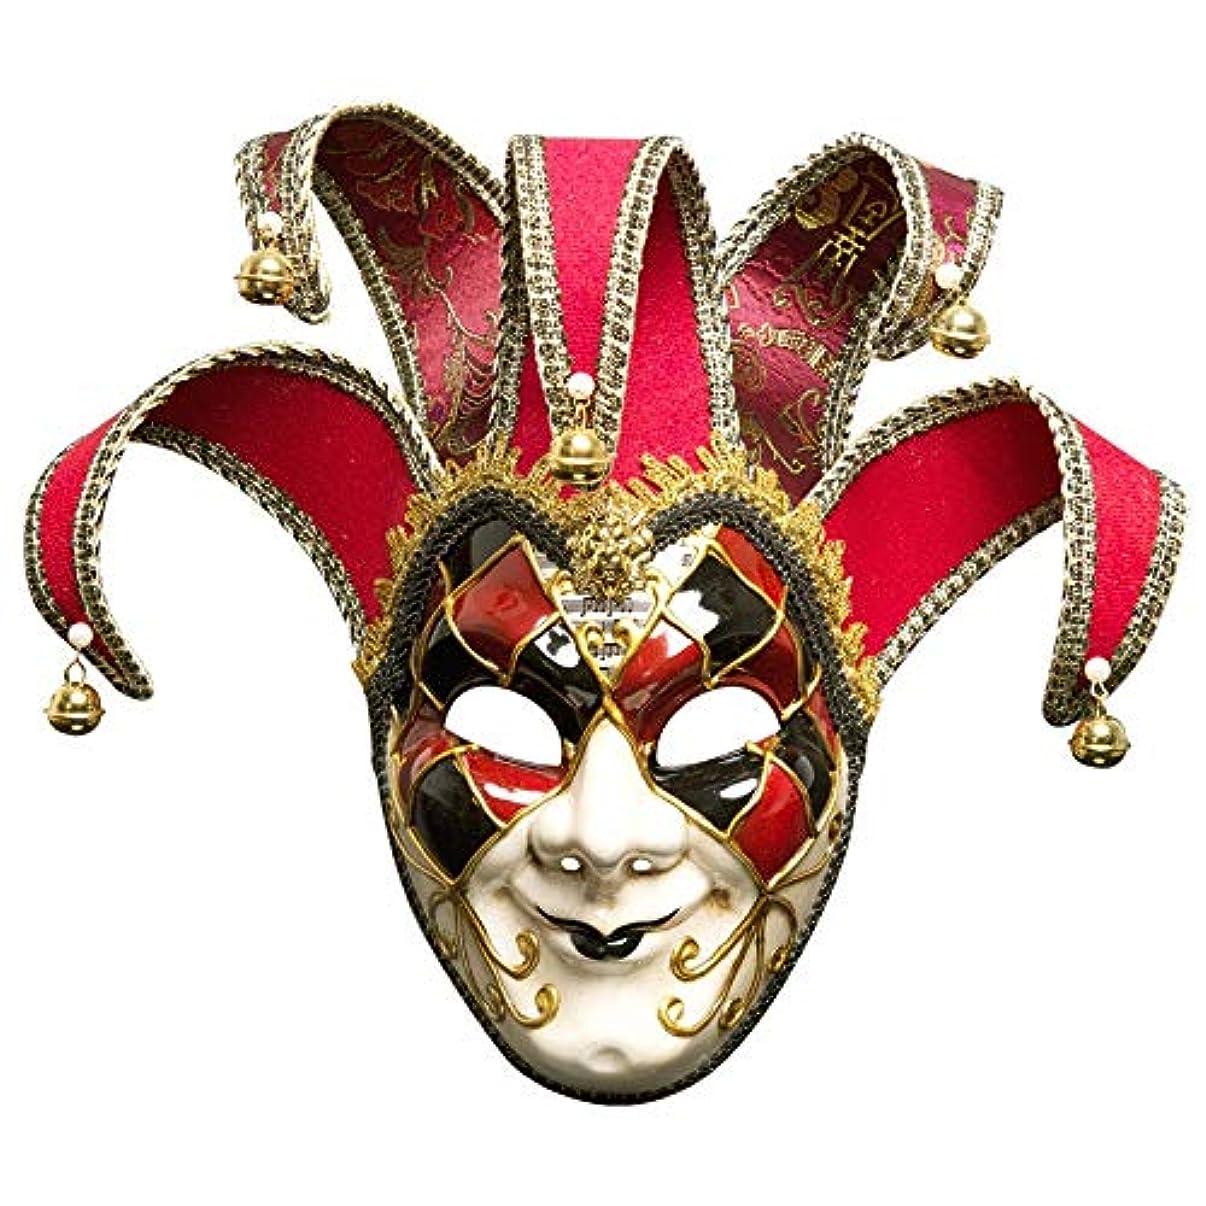 コンテンポラリー取得する実行ダンスマスク 雰囲気クリスマスフェスティバルロールプレイングプラスチックマスカレードマスクハロウィーンマスカレードマスク パーティーマスク (色 : 赤, サイズ : 17x44cm)